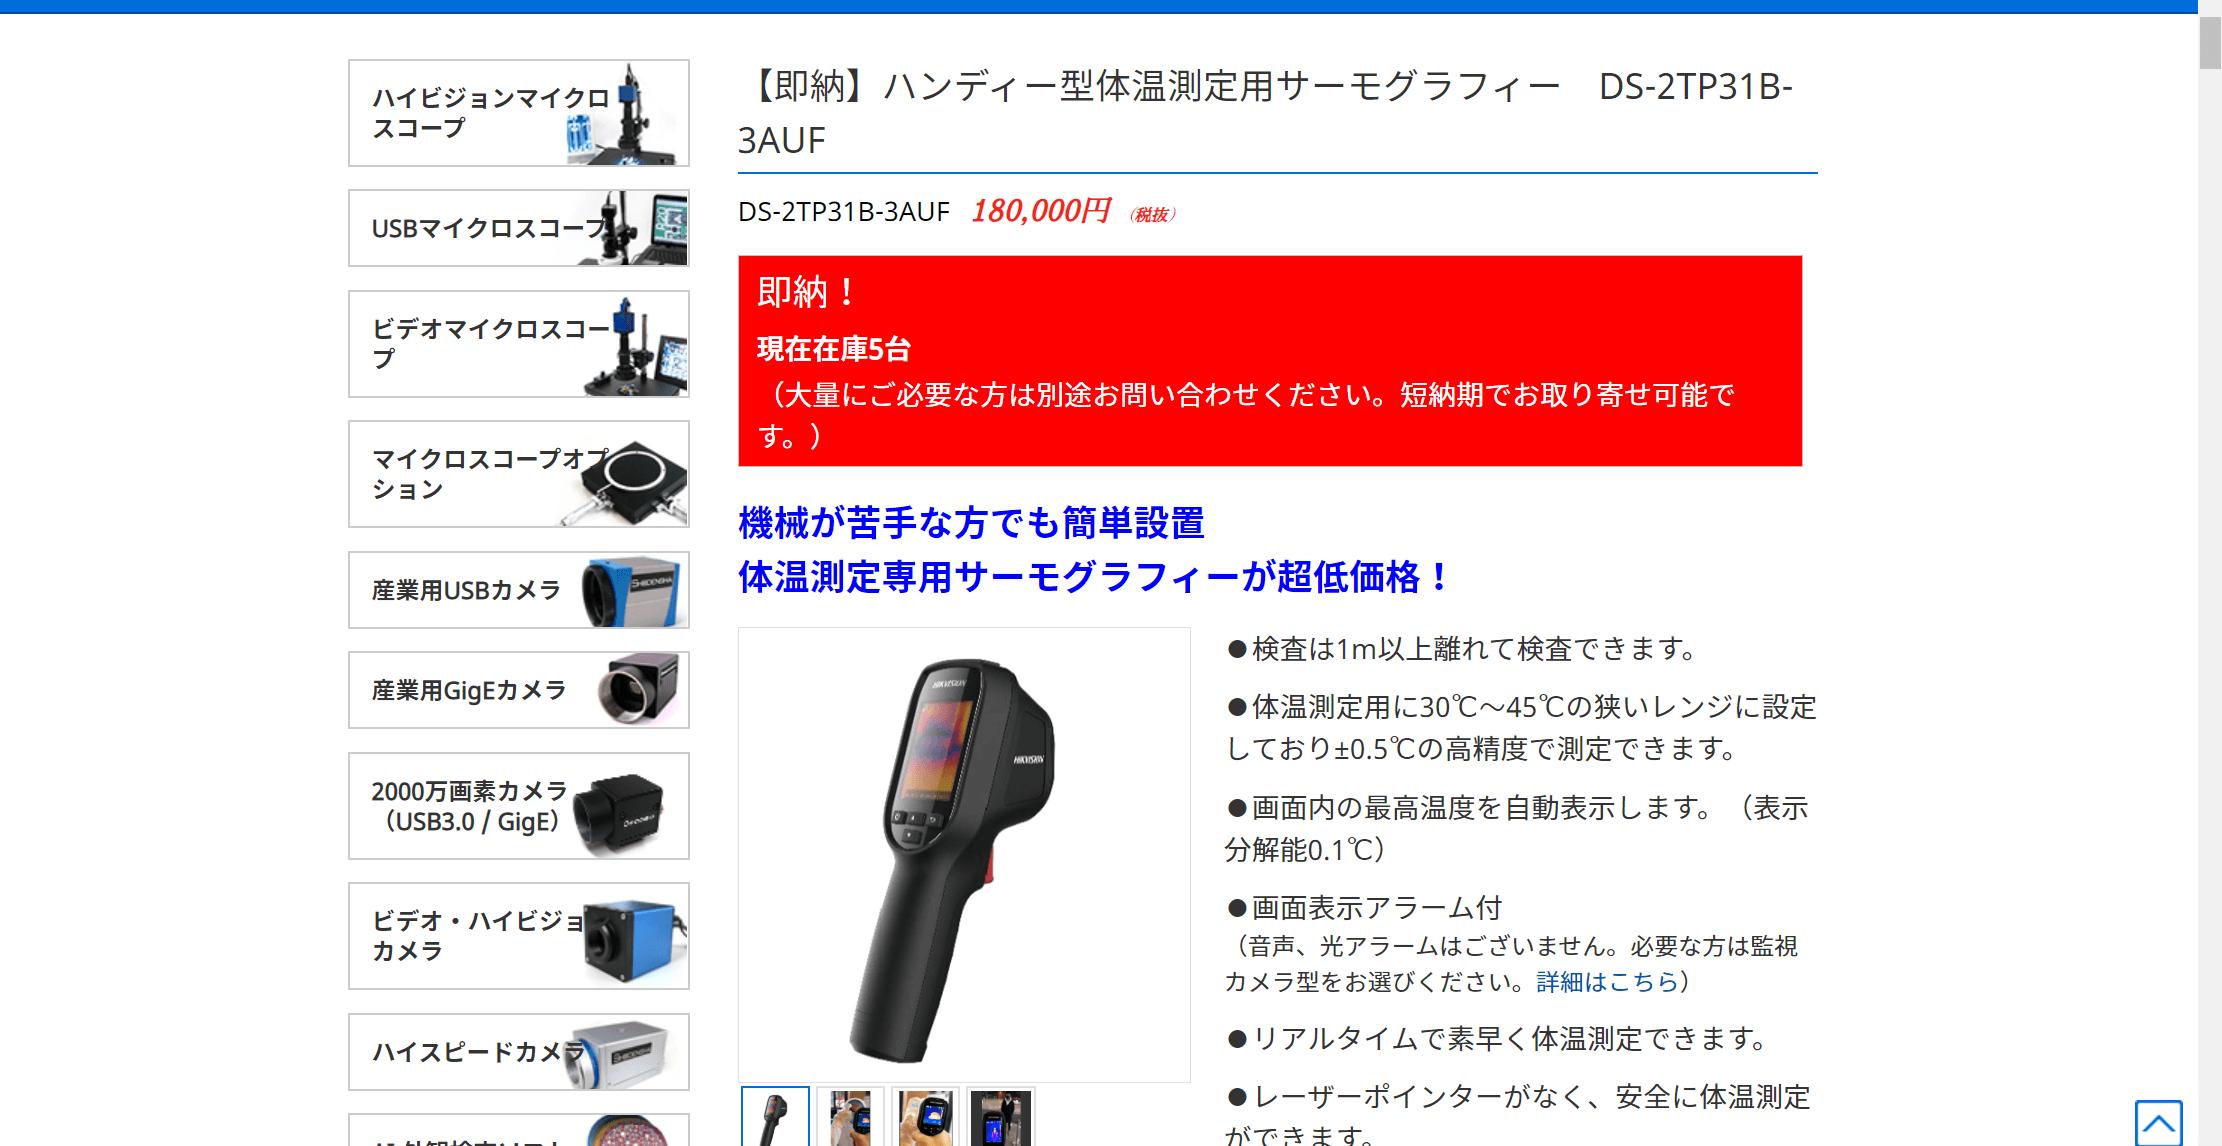 ハンディー型体温測定用サーモグラフィー DS-2TP31B-3AUF